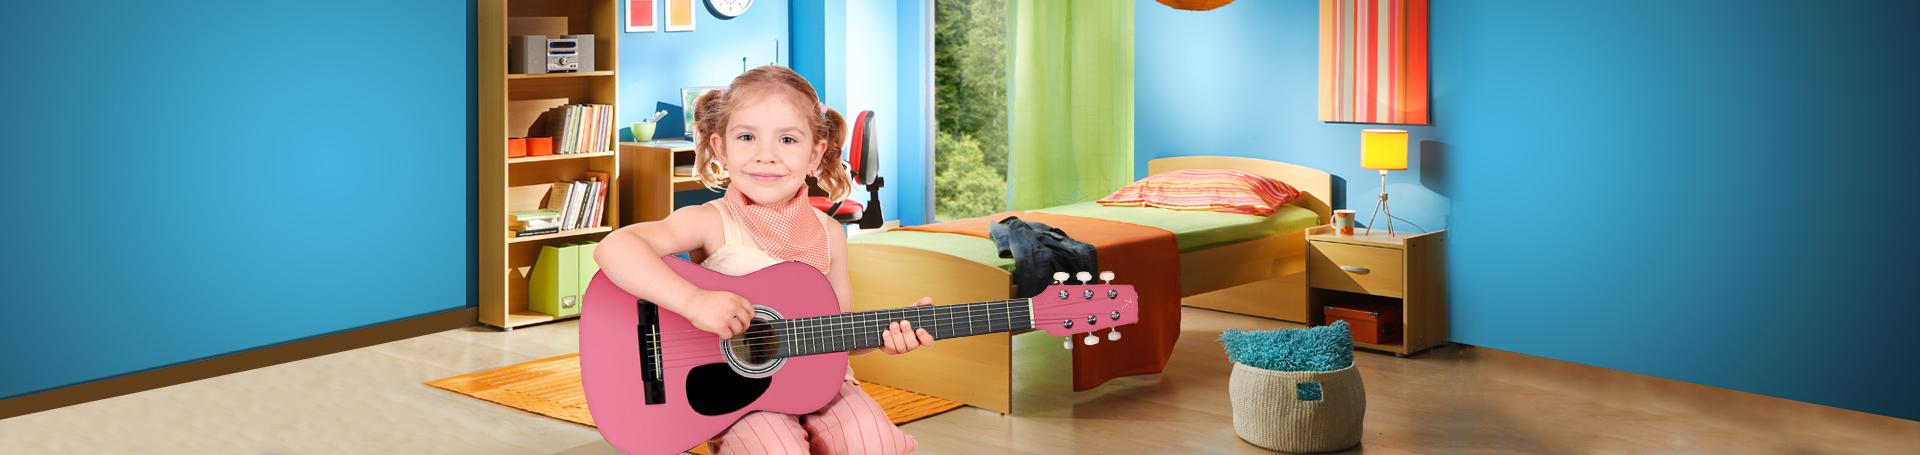 kids_banner_1.jpg